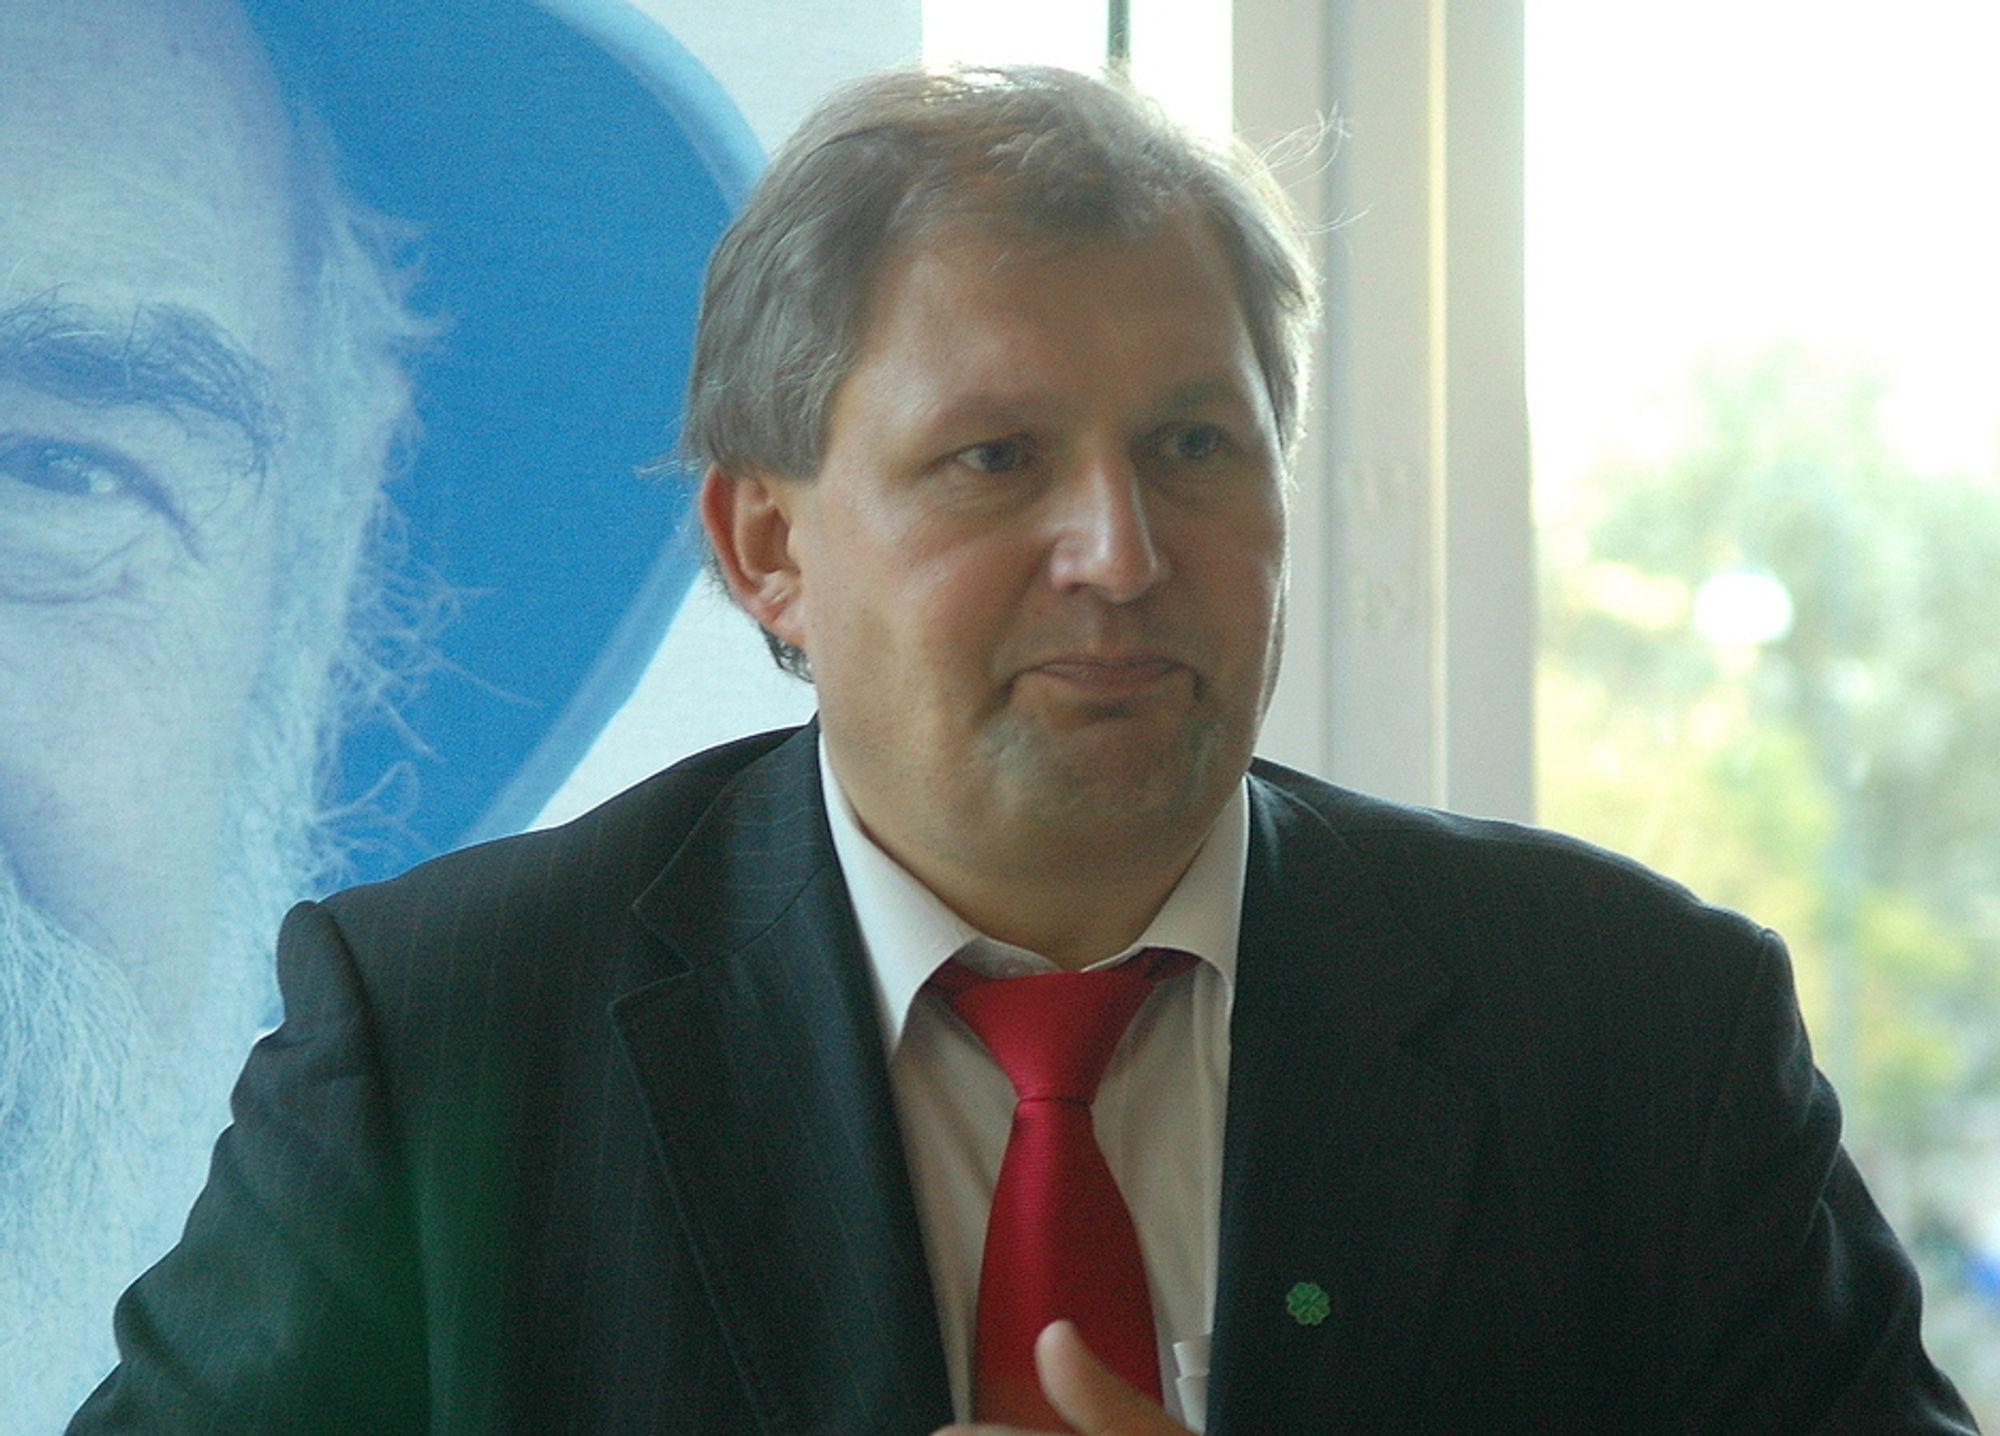 PÅ VEI UT?: Mange oppfattet olje- og energiminster Terje Riis - Johansen tale på OLFs årsmøtet som usammenhengende og dårlig forberedt. Var det hans avskjed med oljeindustrien?